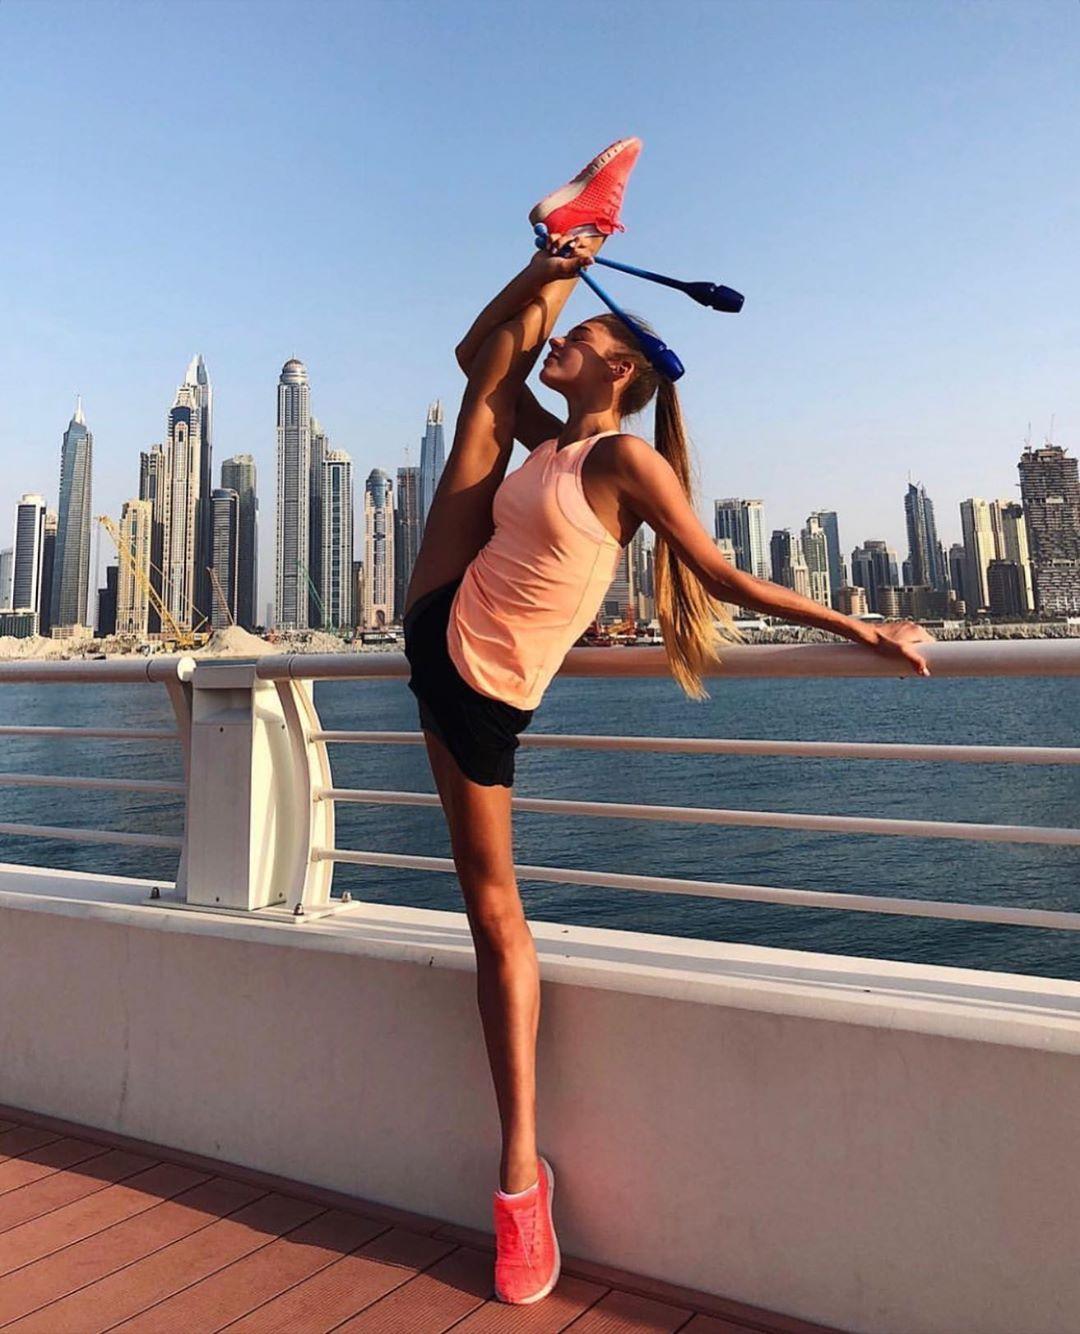 Александра Солдатова — Российская гимнастка и член сборной команды России, какие же у нее потрясающие ноги